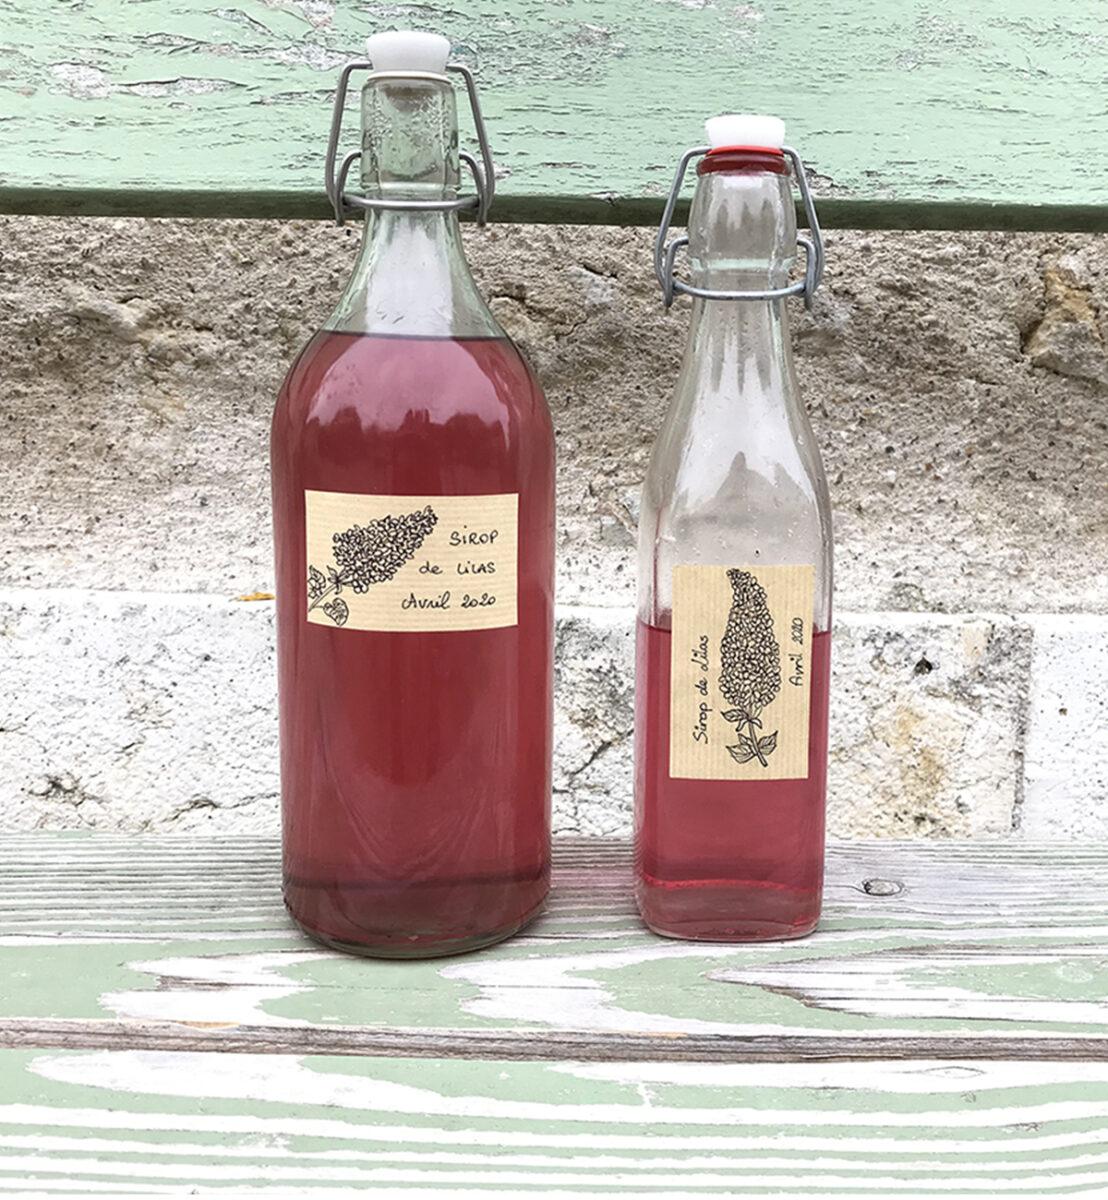 Sirop de lilas : mettez le printemps en bouteille